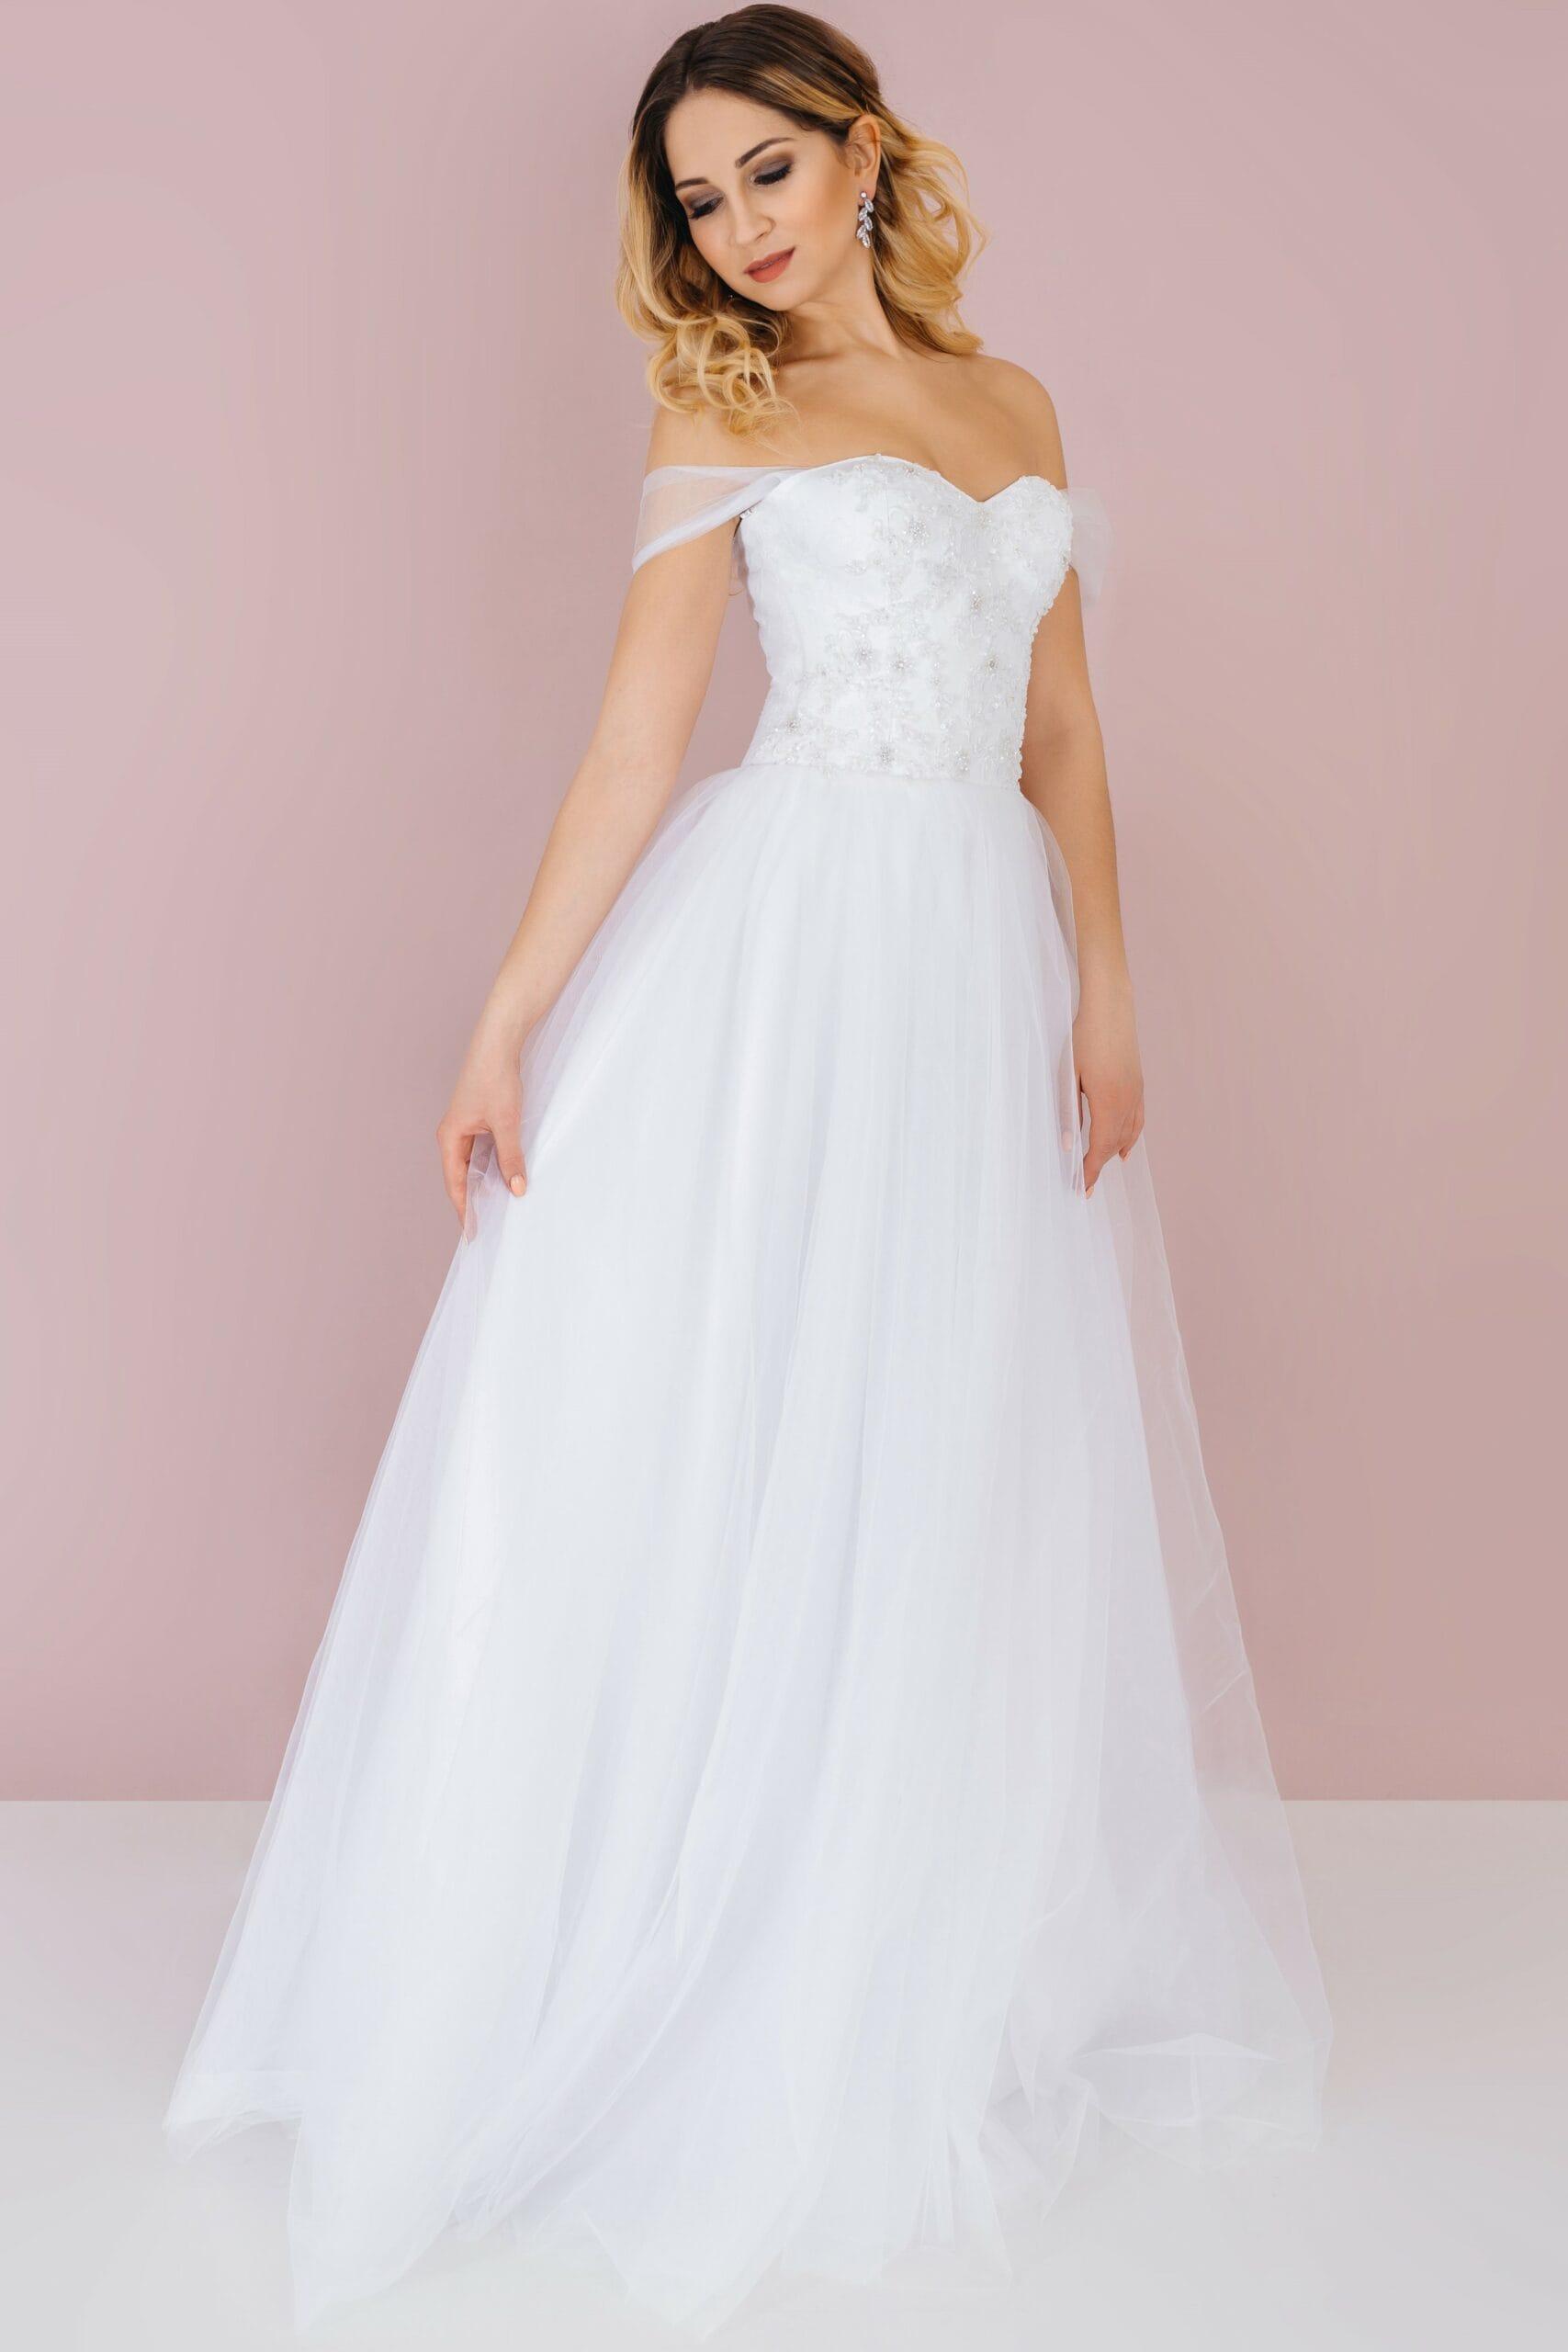 Свадебное платье PEGGIE, коллекция LOFT, бренд RARE BRIDAL, фото 2